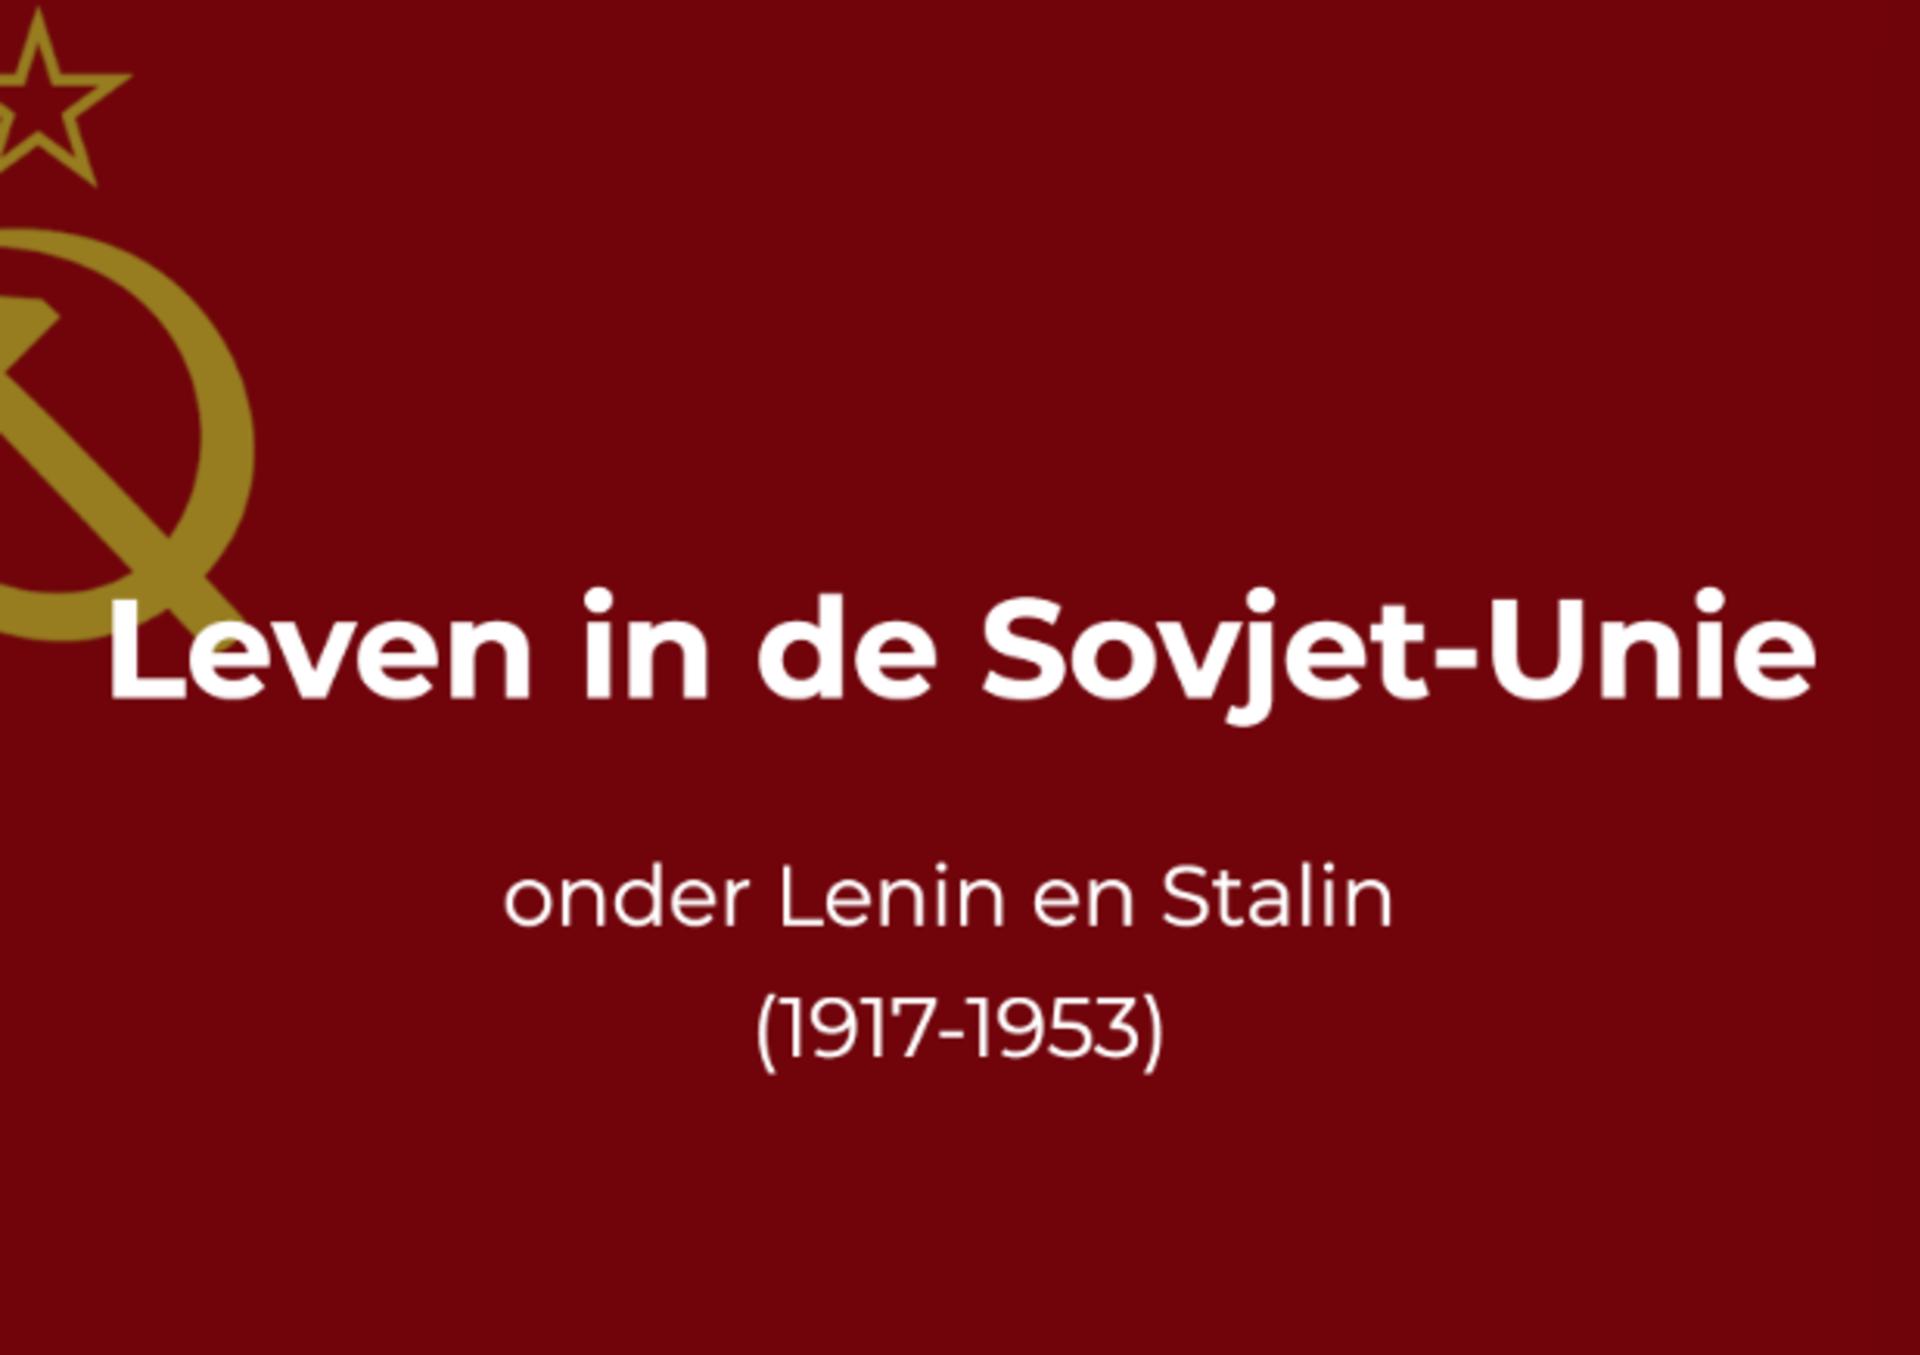 geschiedenisles over de sovjet unie